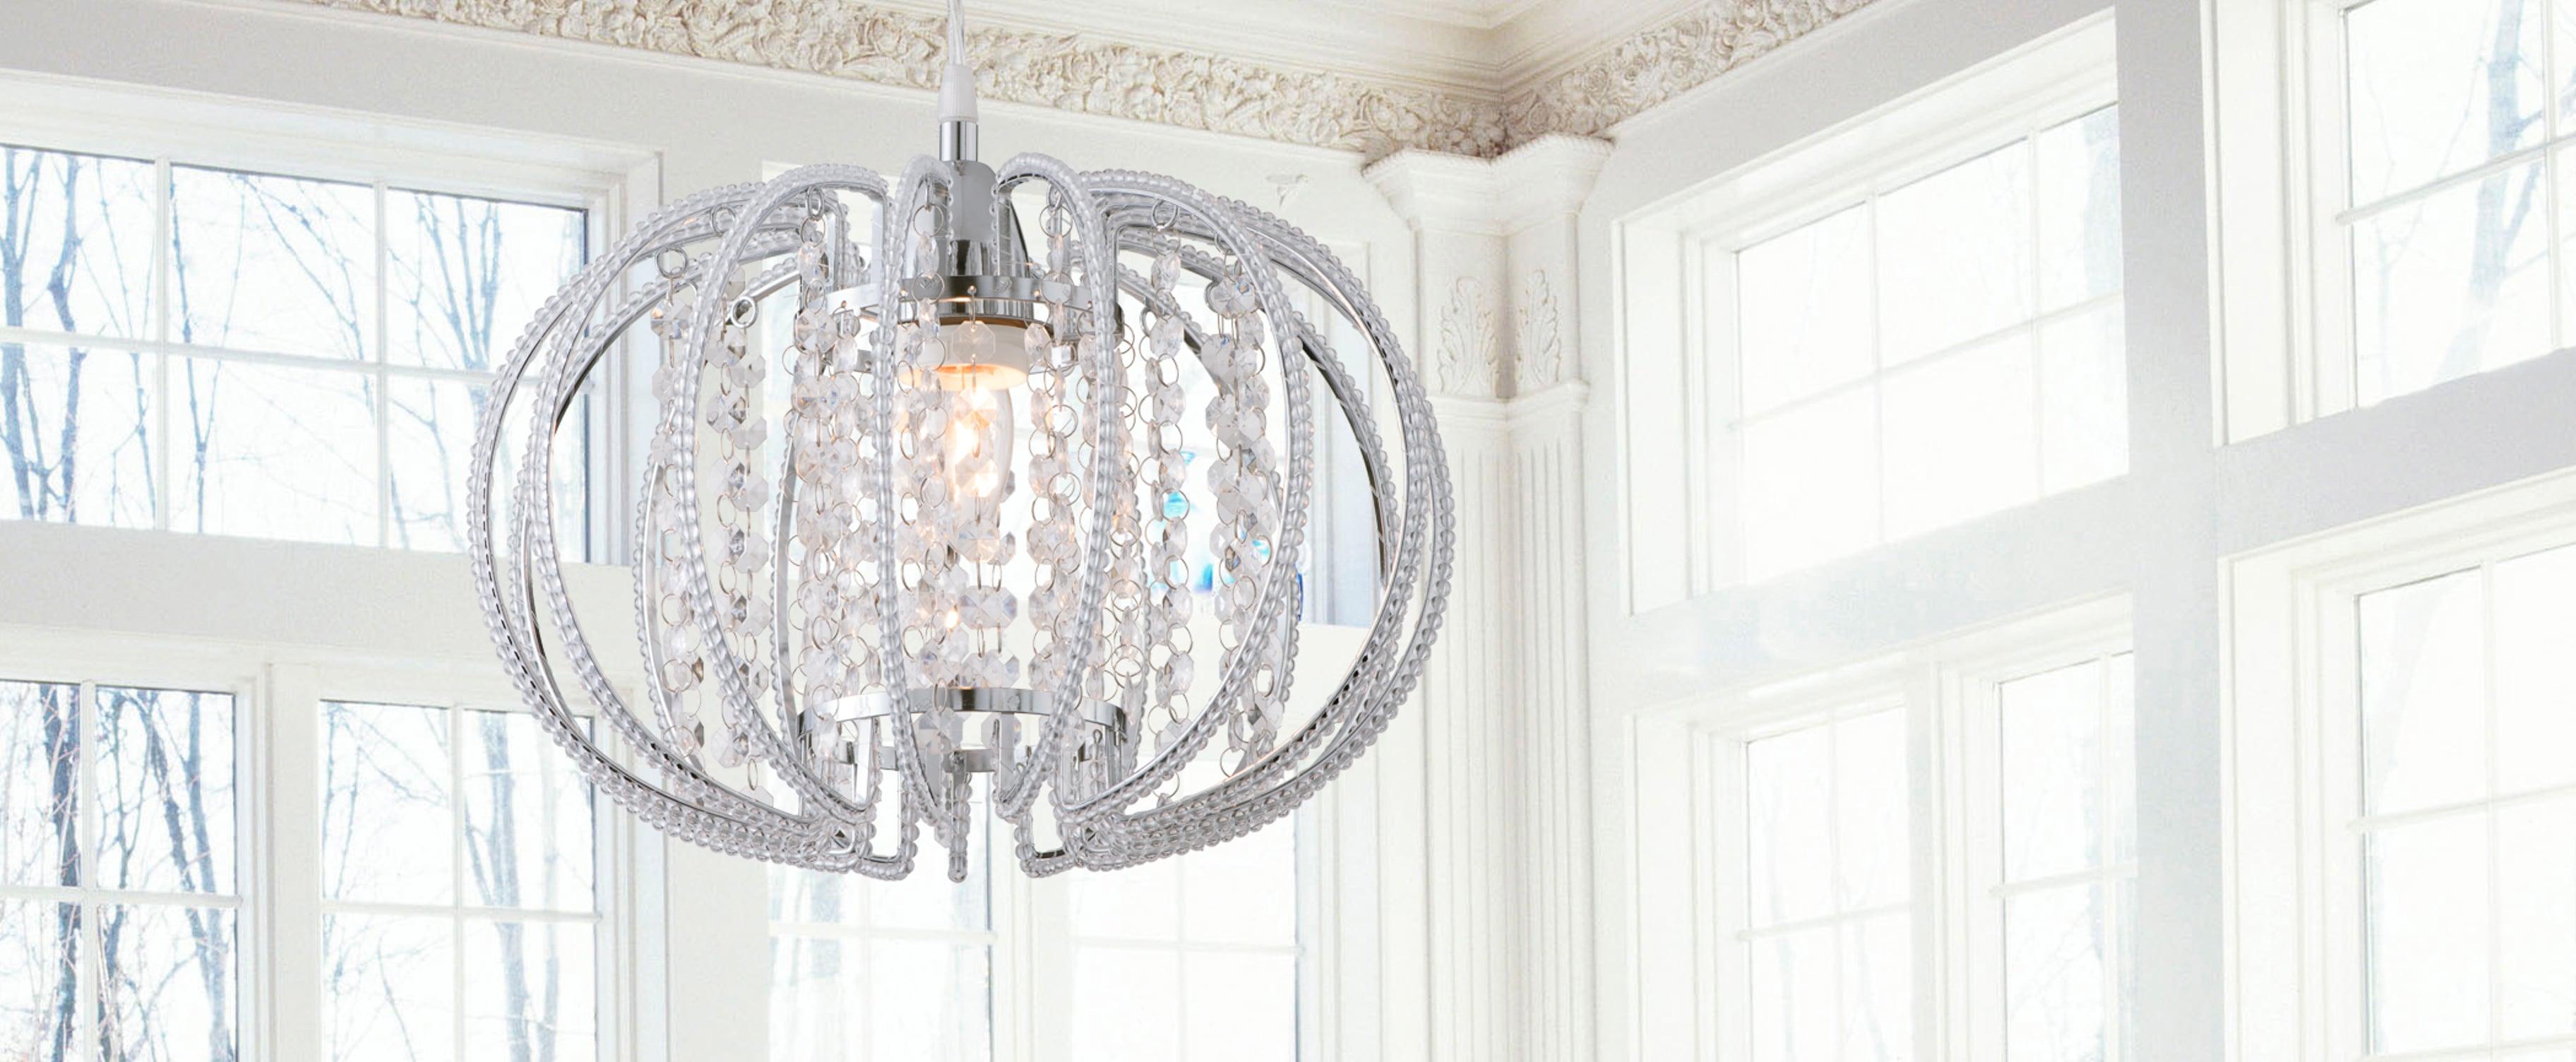 鍍鉻圓形透明壓克力珠吊燈-BNL00046 6